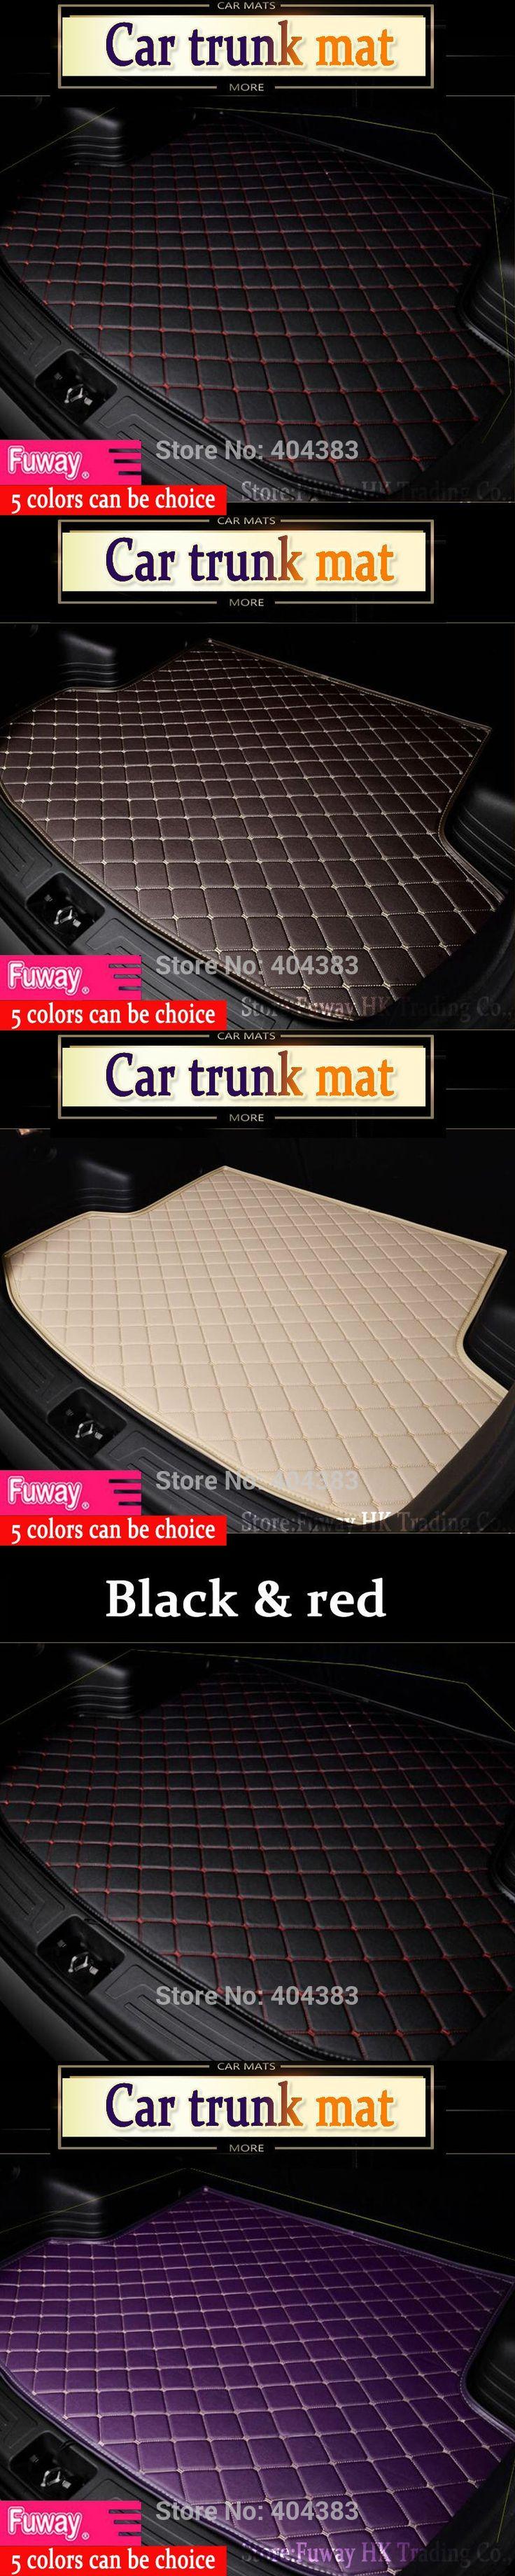 fit car trunk mat for Mercedes Benz B180 C200 E260 CL CLA G GLK300 ML S350/400 class car styling tray carpet cargo liner